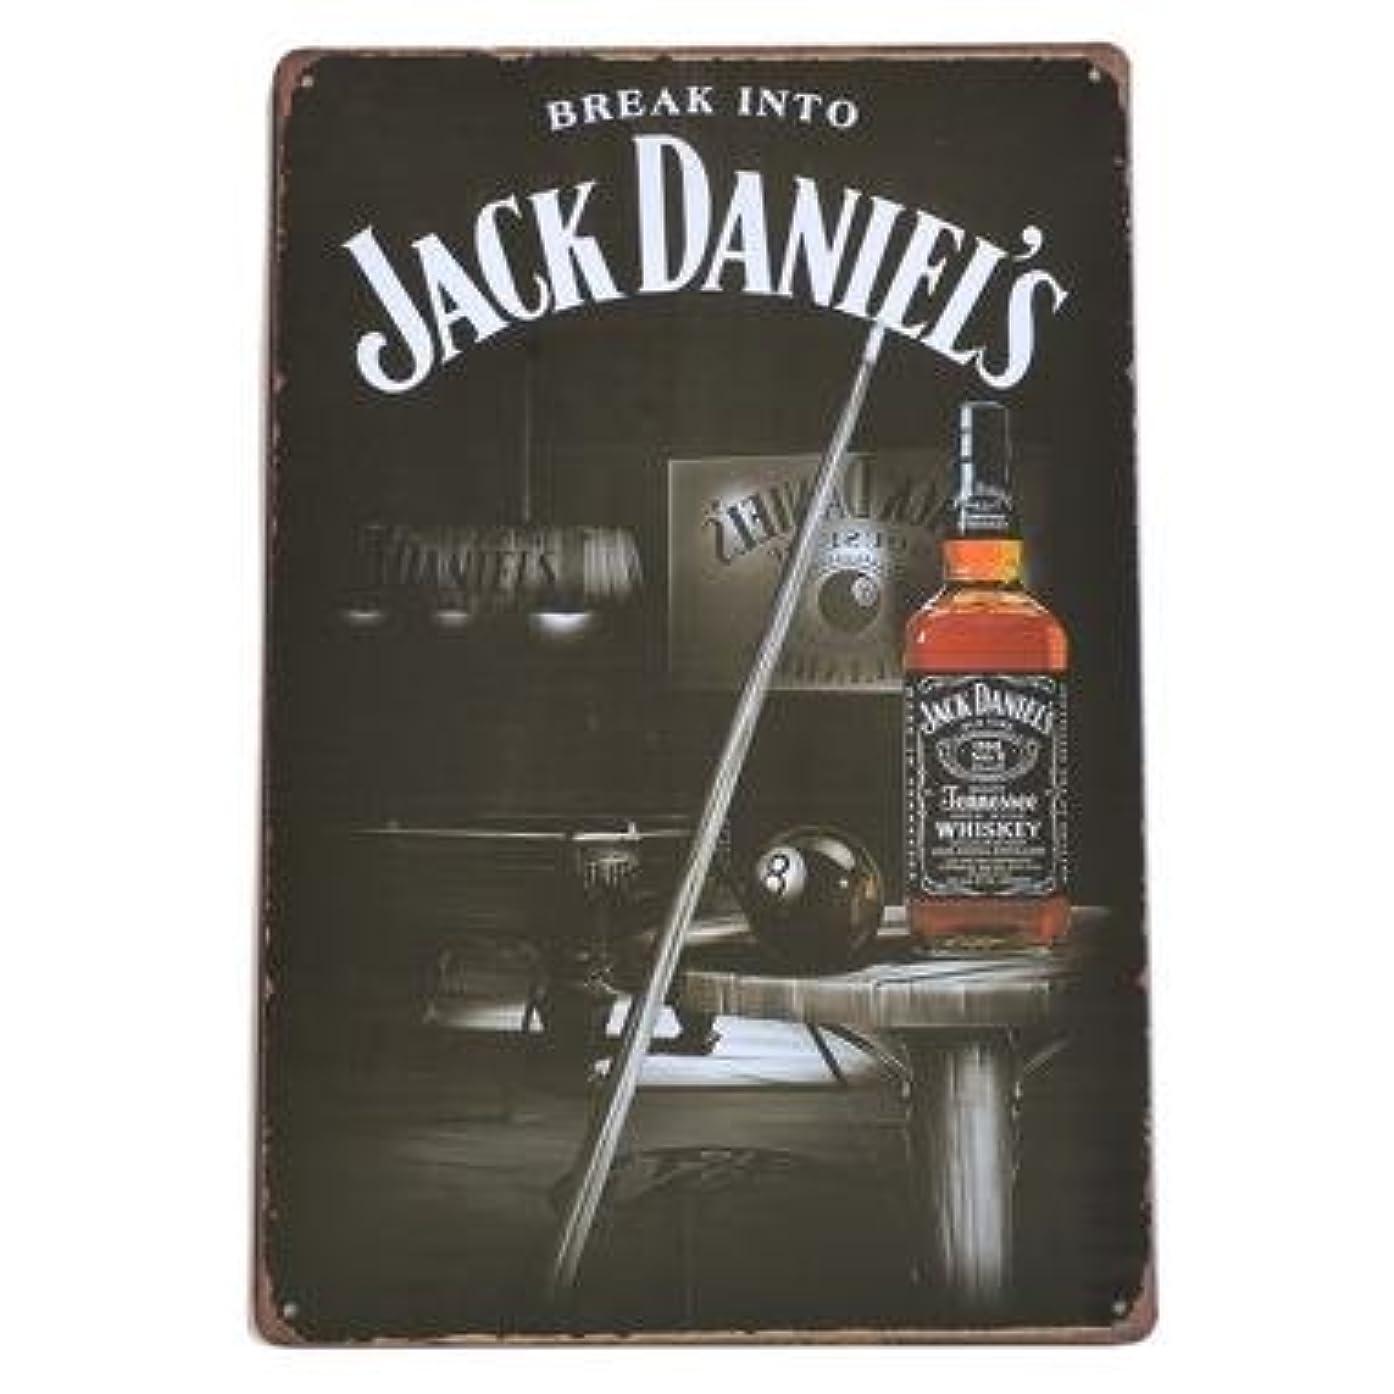 カヌーぴったり政治JACK DANIEL'S ブリキ看板 ジャックダニエル 看板 No.7 40cm×30cm (デザイン1) [並行輸入品]